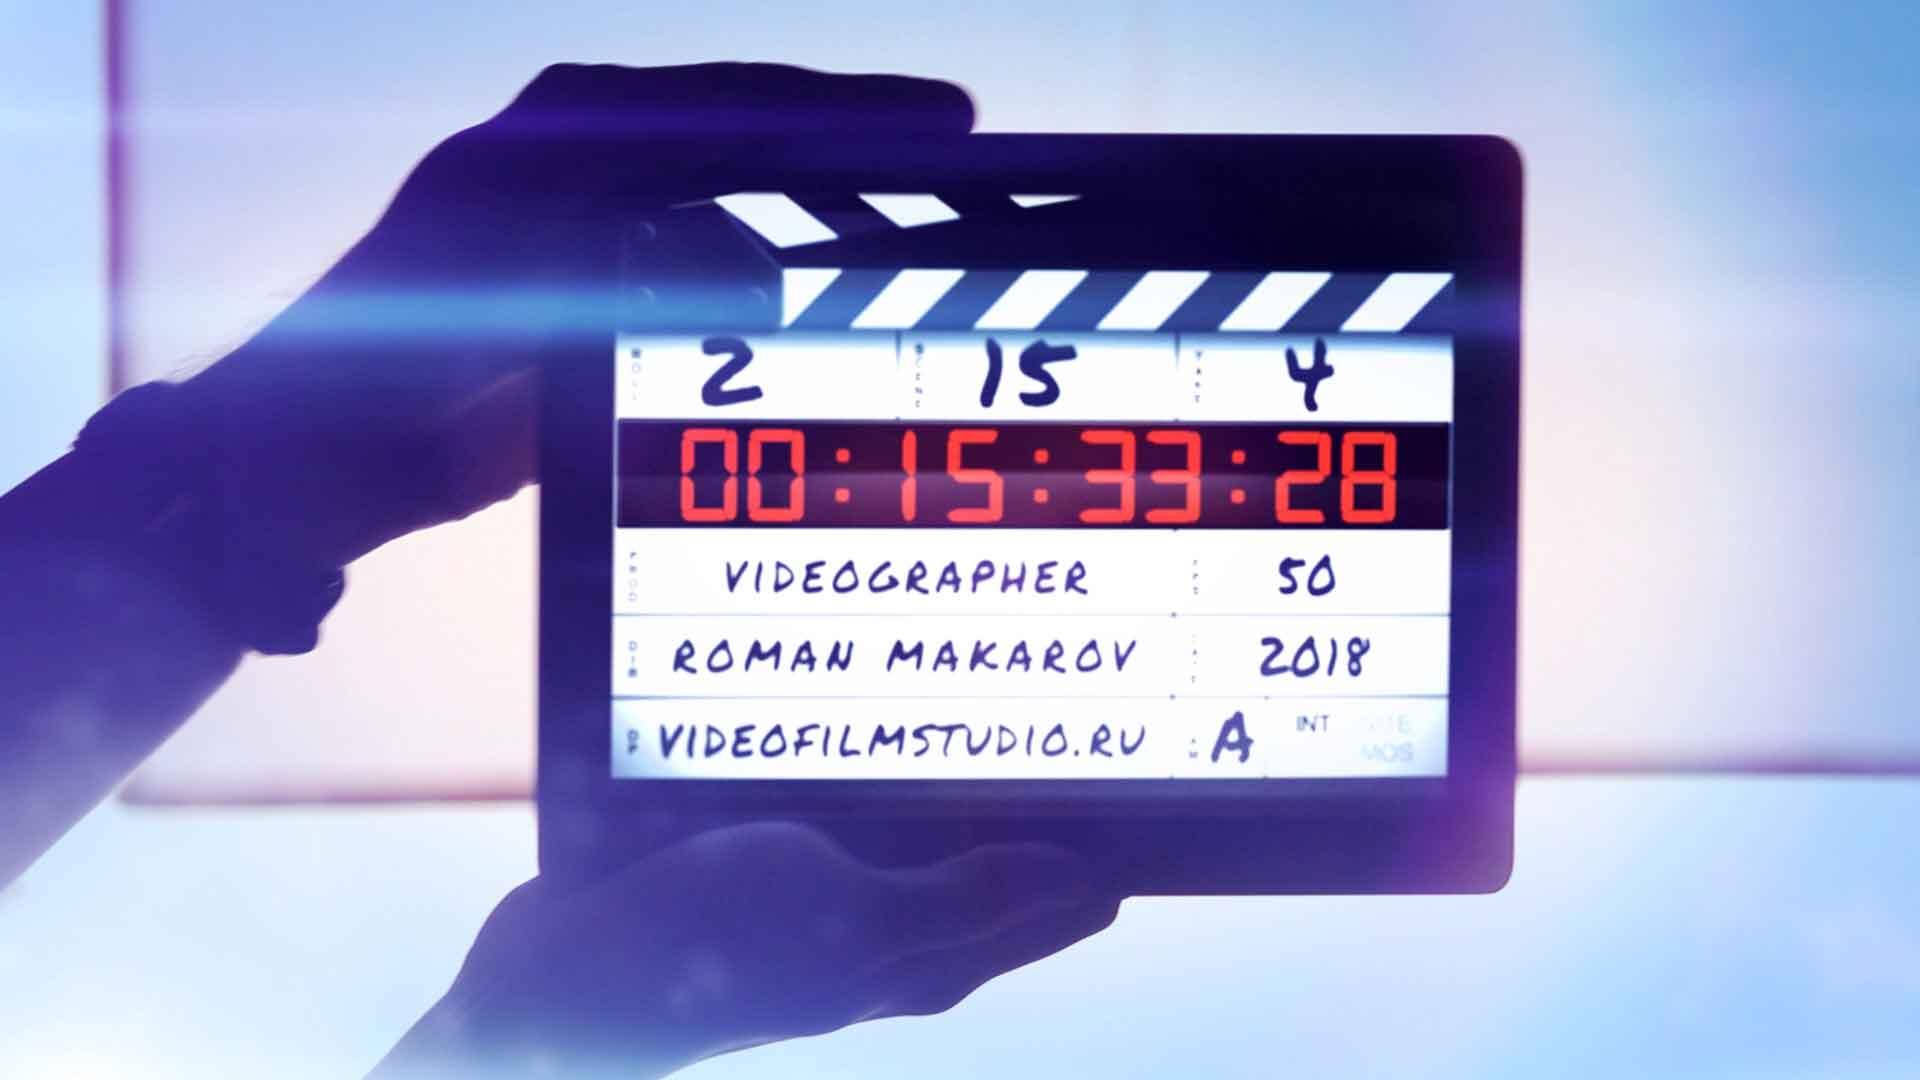 фотограф на свадьбу, видеограф на свадьбу, видеооператор на свадьбу, видеосъемка свадьбы цены, фотосъемка свадьбы цена, видеосъемка свадьбы недорого